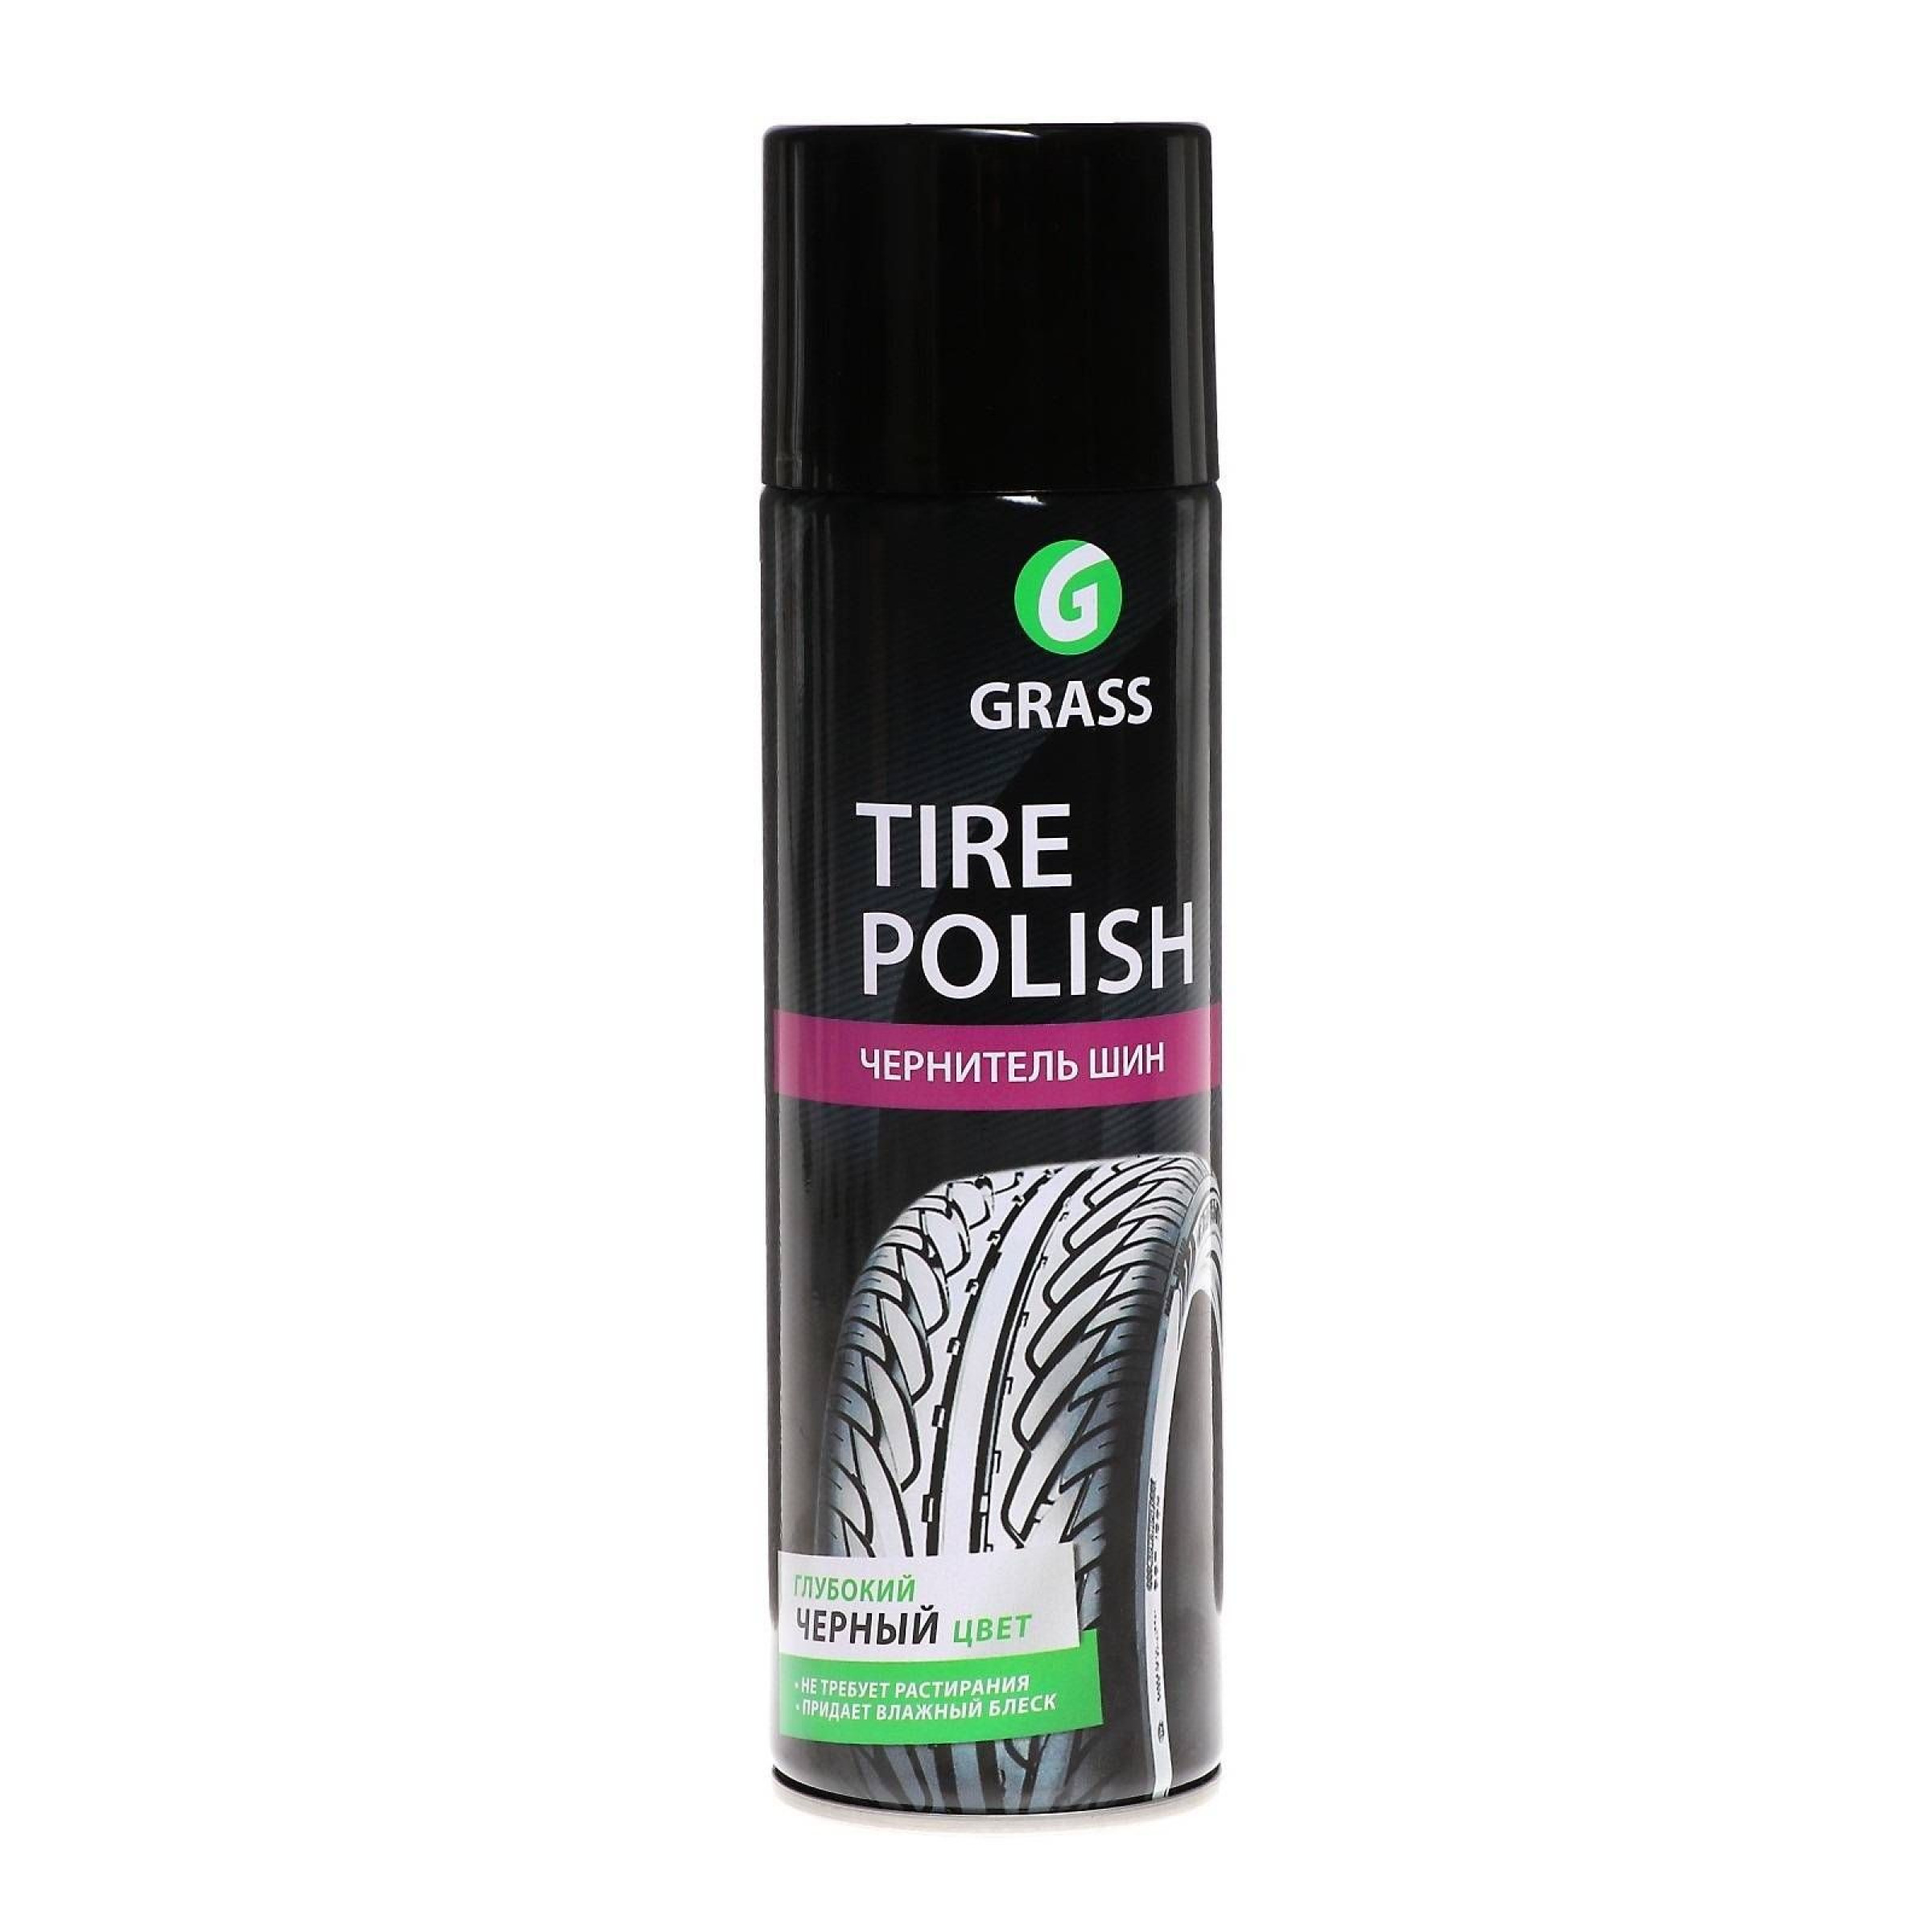 """Чернитель шин Tire Polish """"Grass"""", 650мл"""